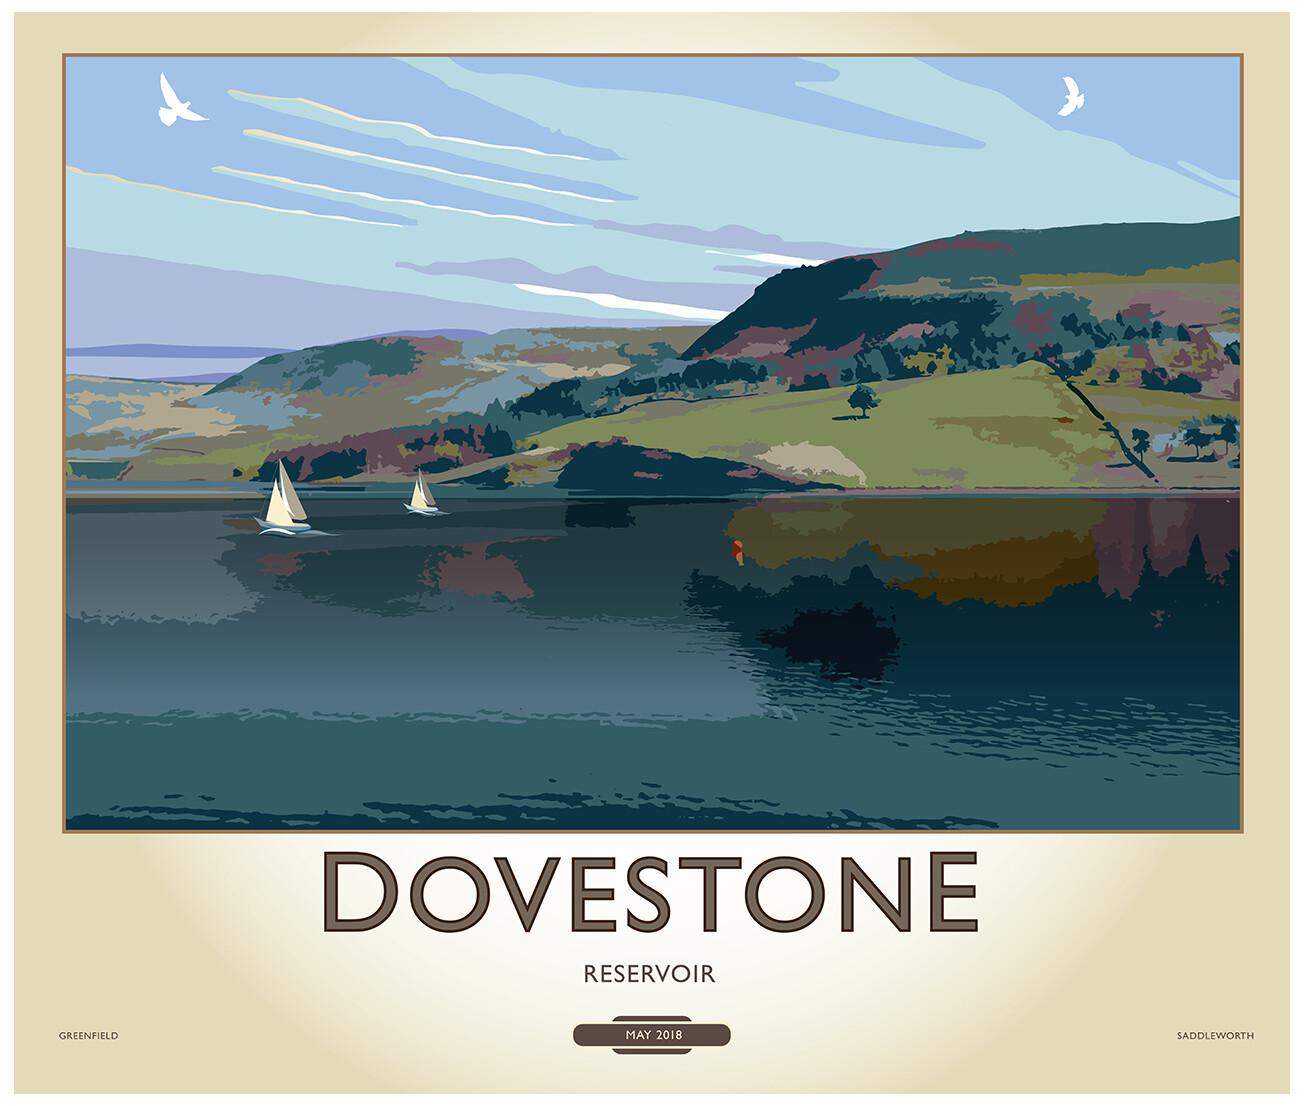 Fine Art Print - Dovestone Reservoir